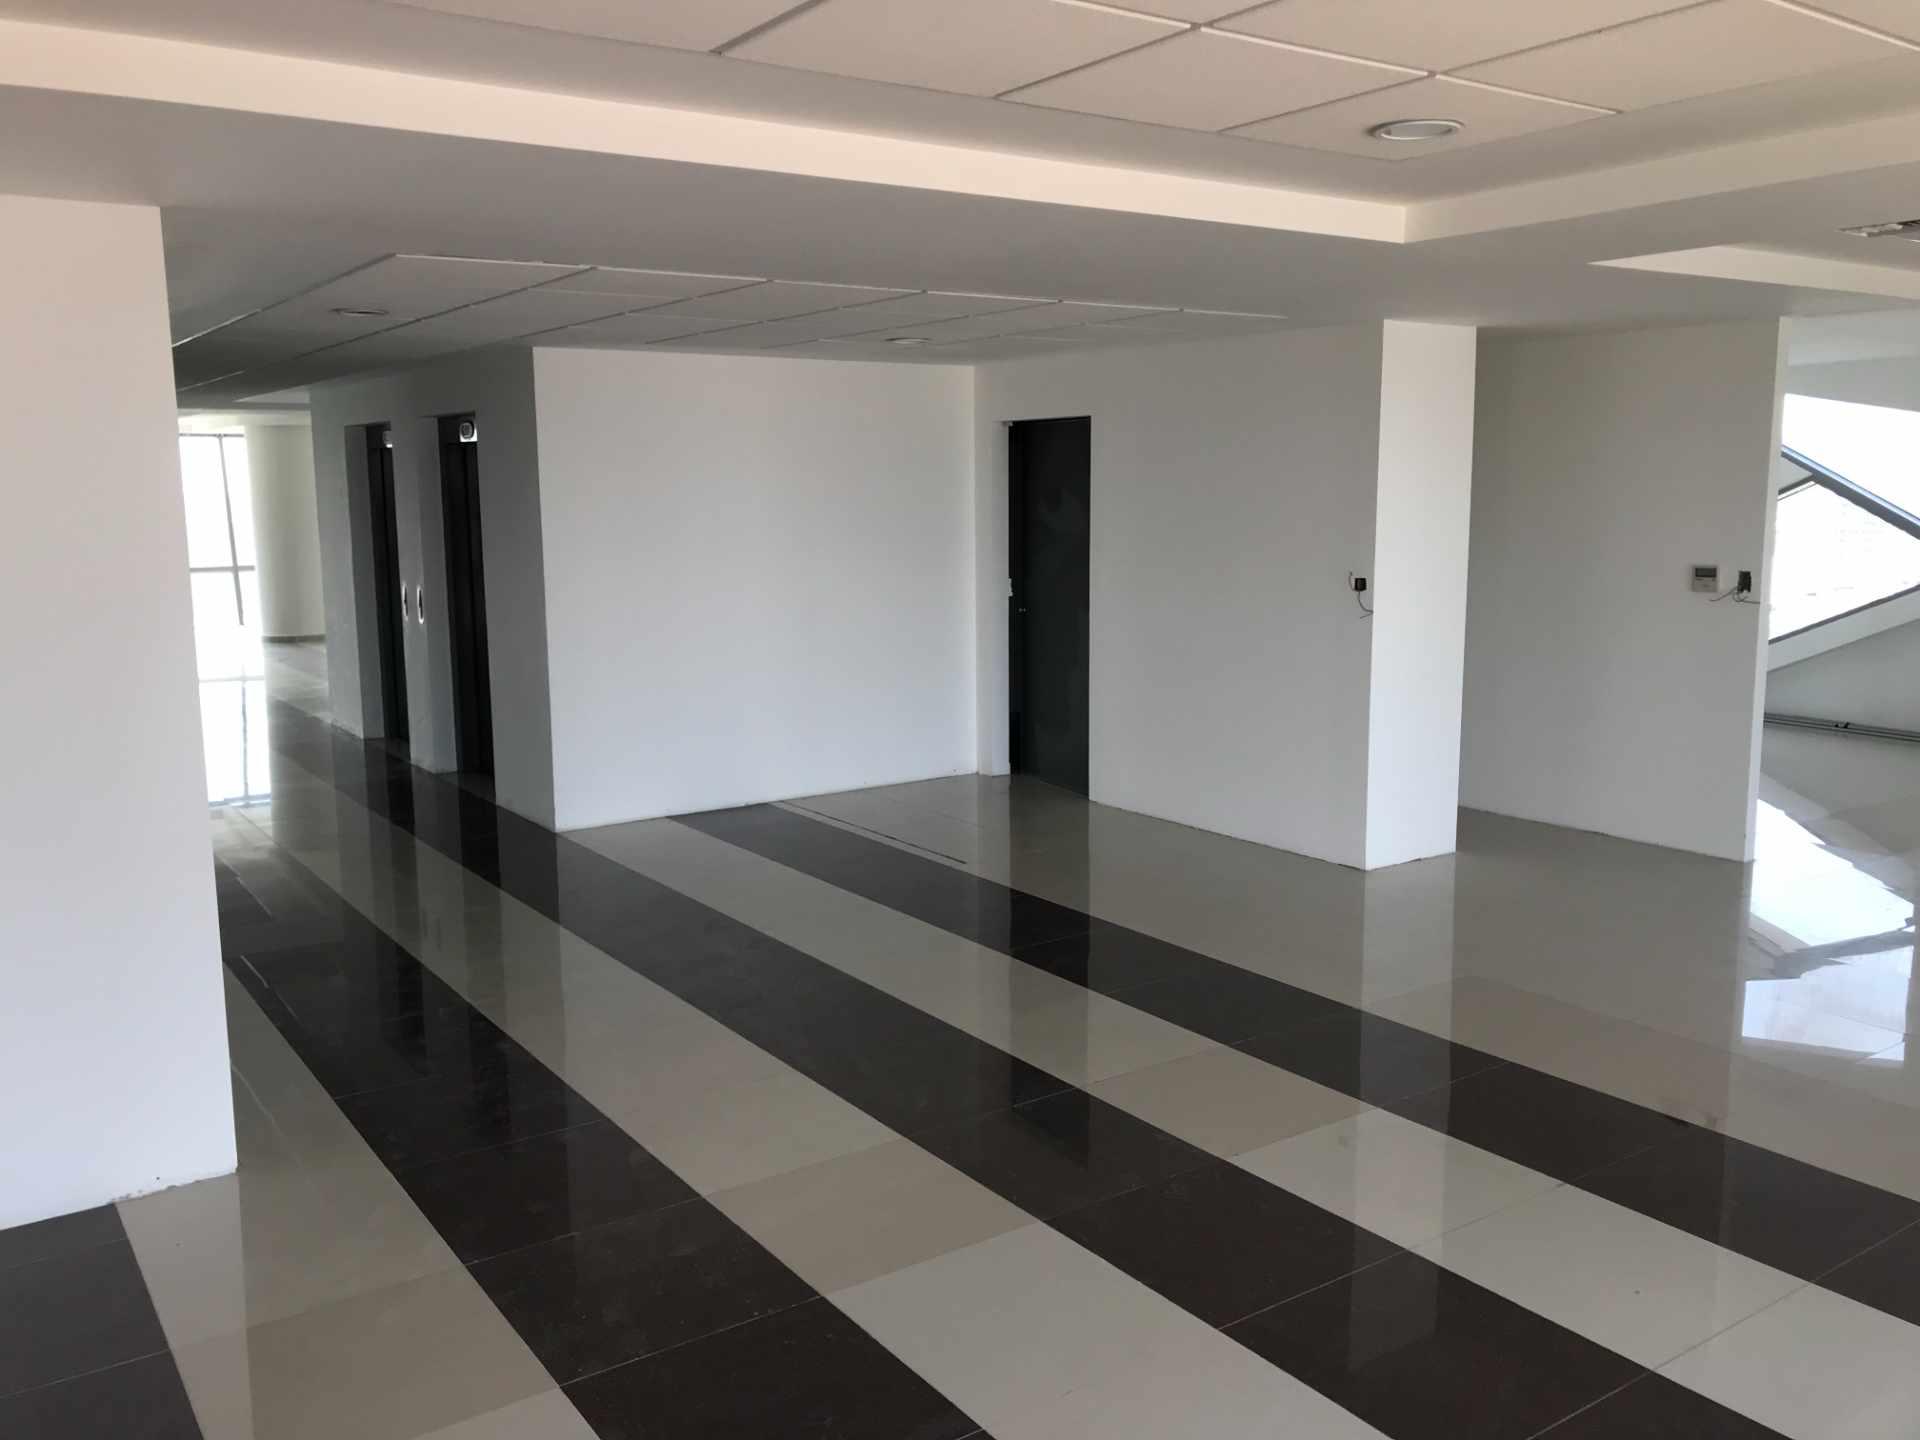 Oficina en Venta Torre de Negocios ALAS. Equipetrol Norte zona Empresarial, Av. San Martín entre 3er y 4to anillo.  Foto 19